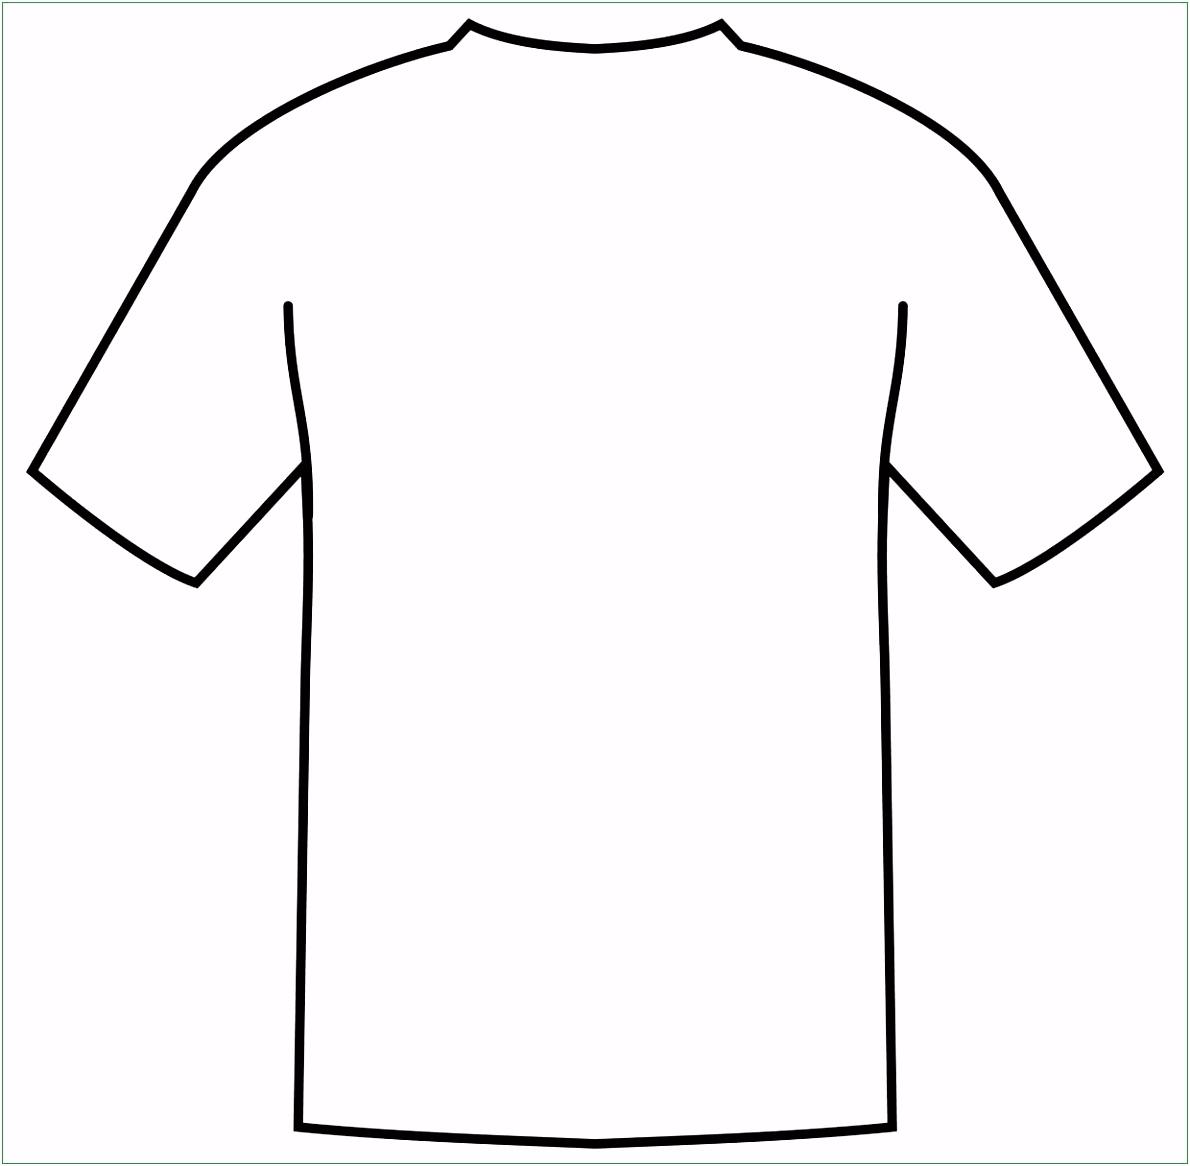 Vorlagen T Shirt Druck Kostenlos Bemerkenswert Tshirt Vorlage Im Jahr 2019 R7ye91dzl4 Hvqbm6nau6